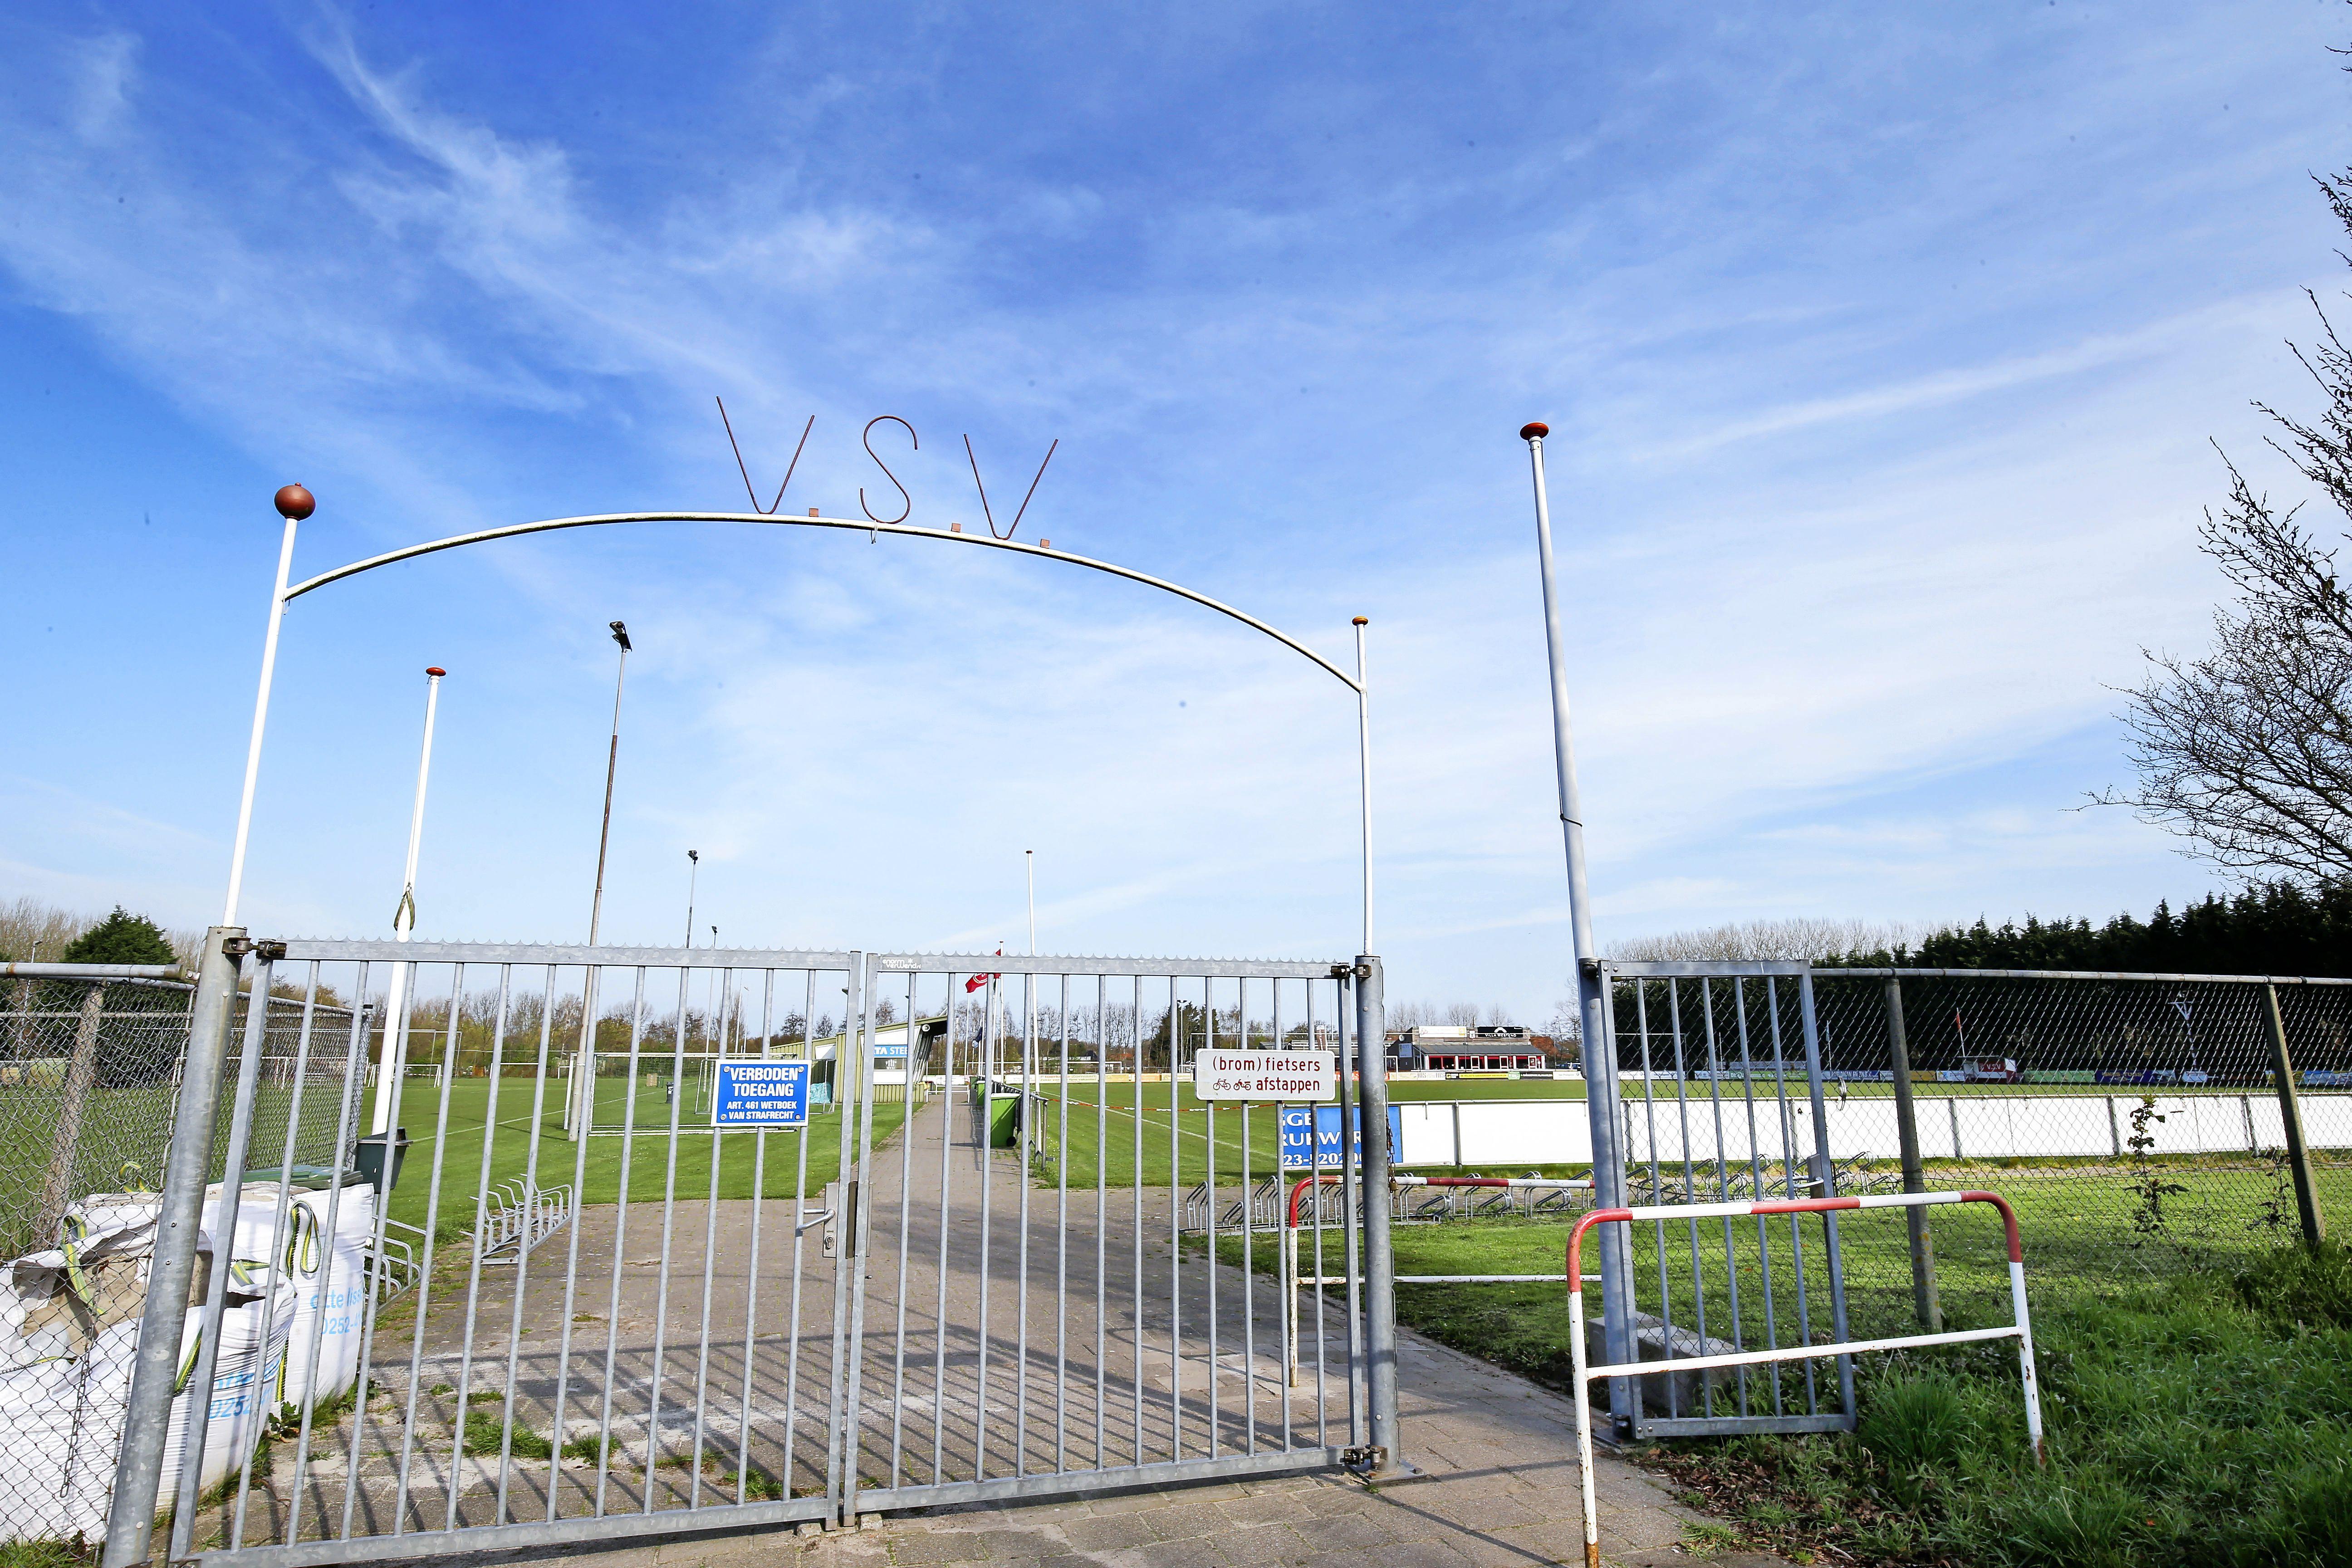 VSV houdt vast aan betere deal over afstaan complex: club uit Velserbroek gaat in hoger beroep